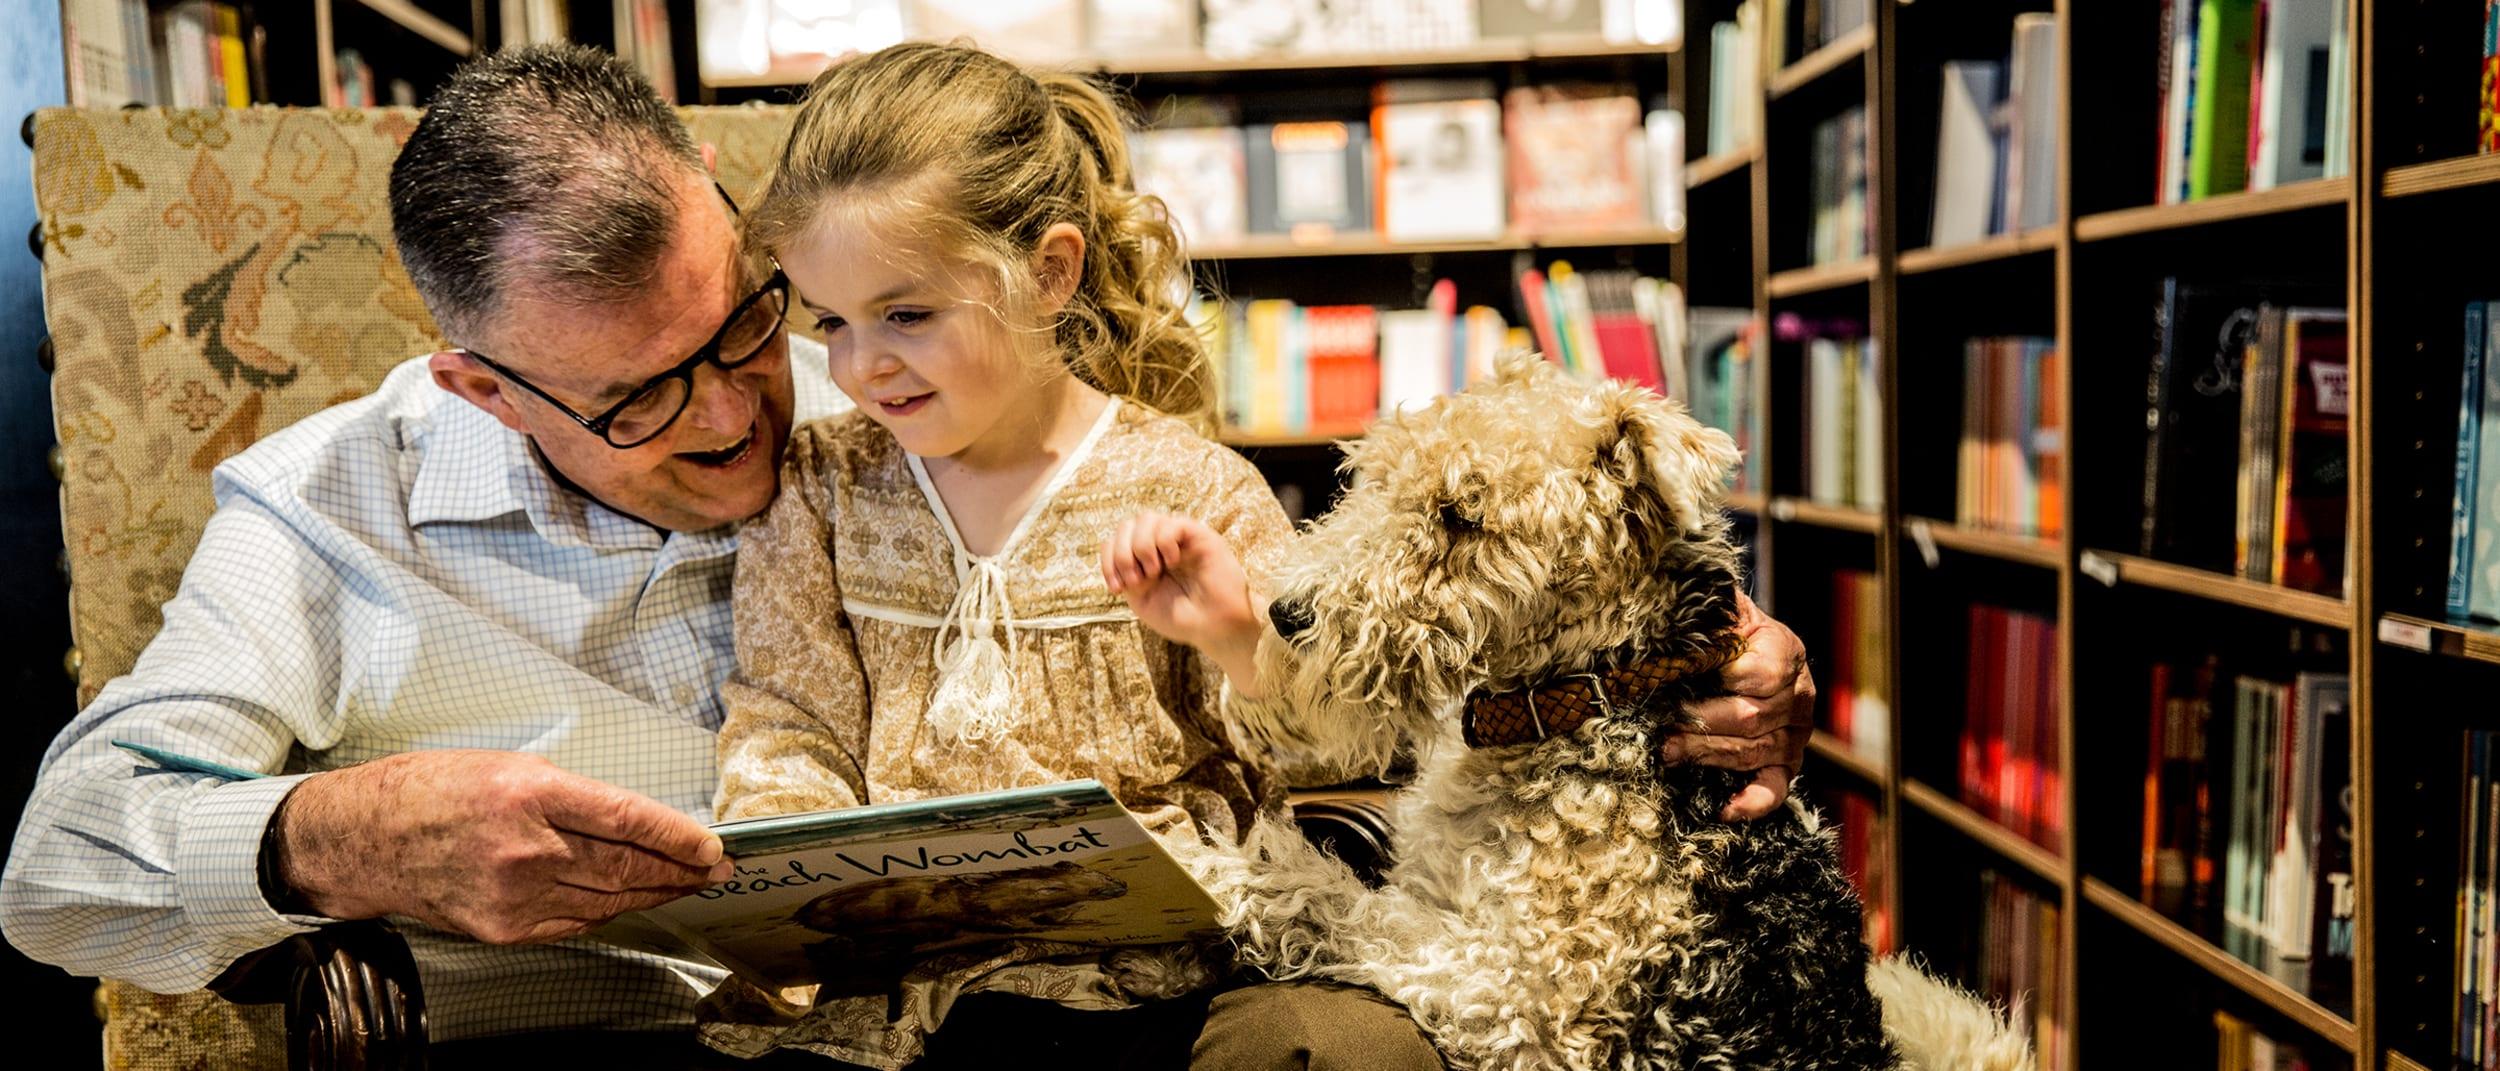 Harry Hartog: Win a $1000 Bookseller Voucher